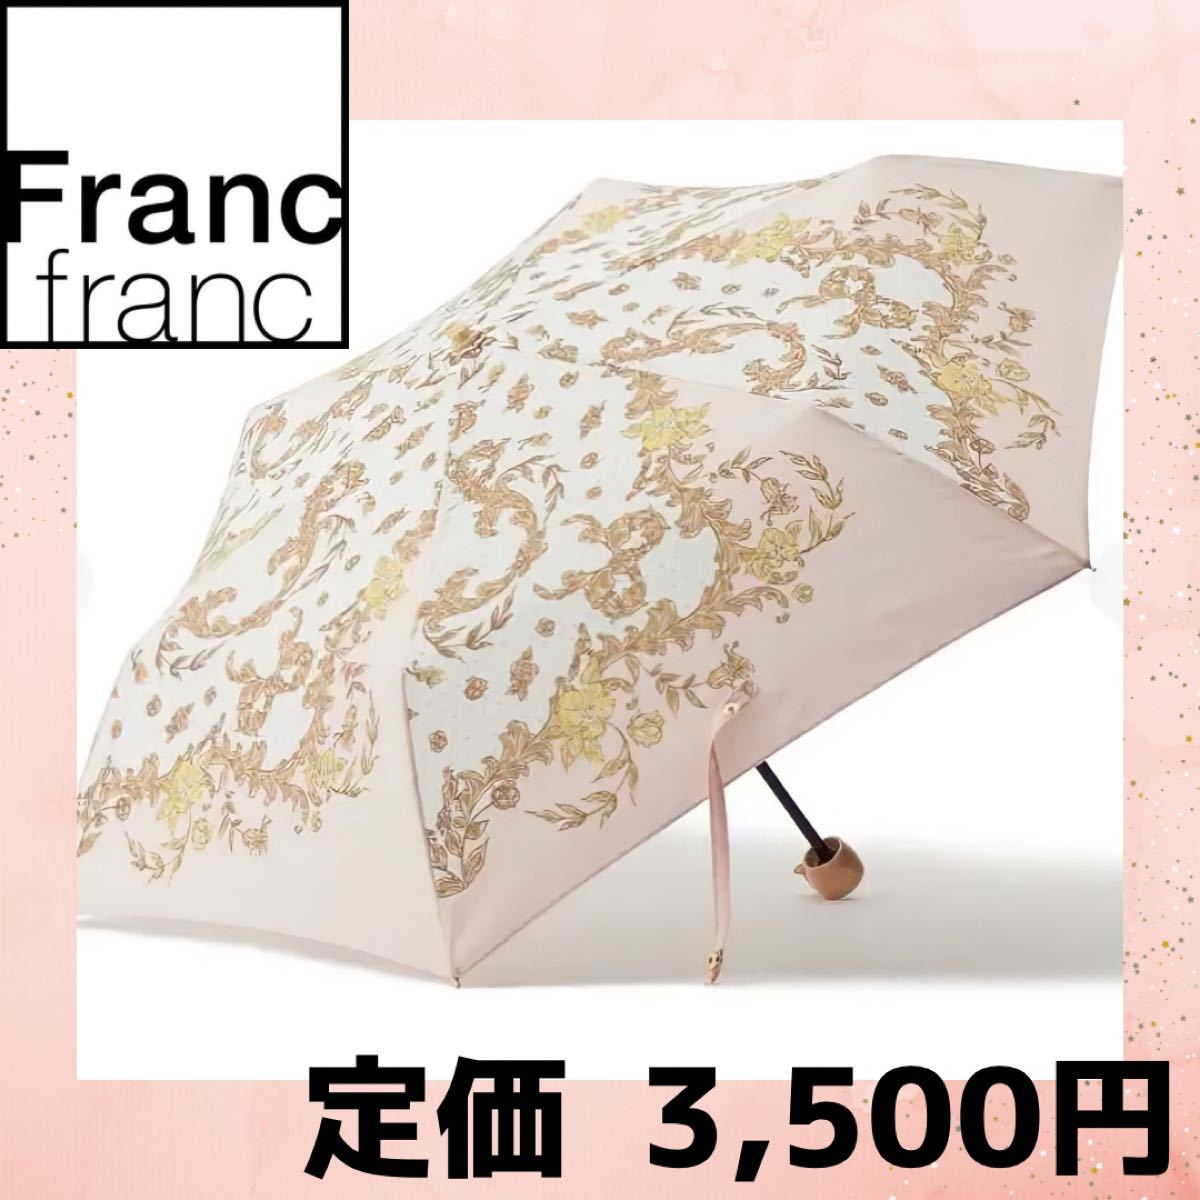 フランフラン スカーフ 日傘 MINI 47cm ピンク(晴雨兼用)新品・未使用